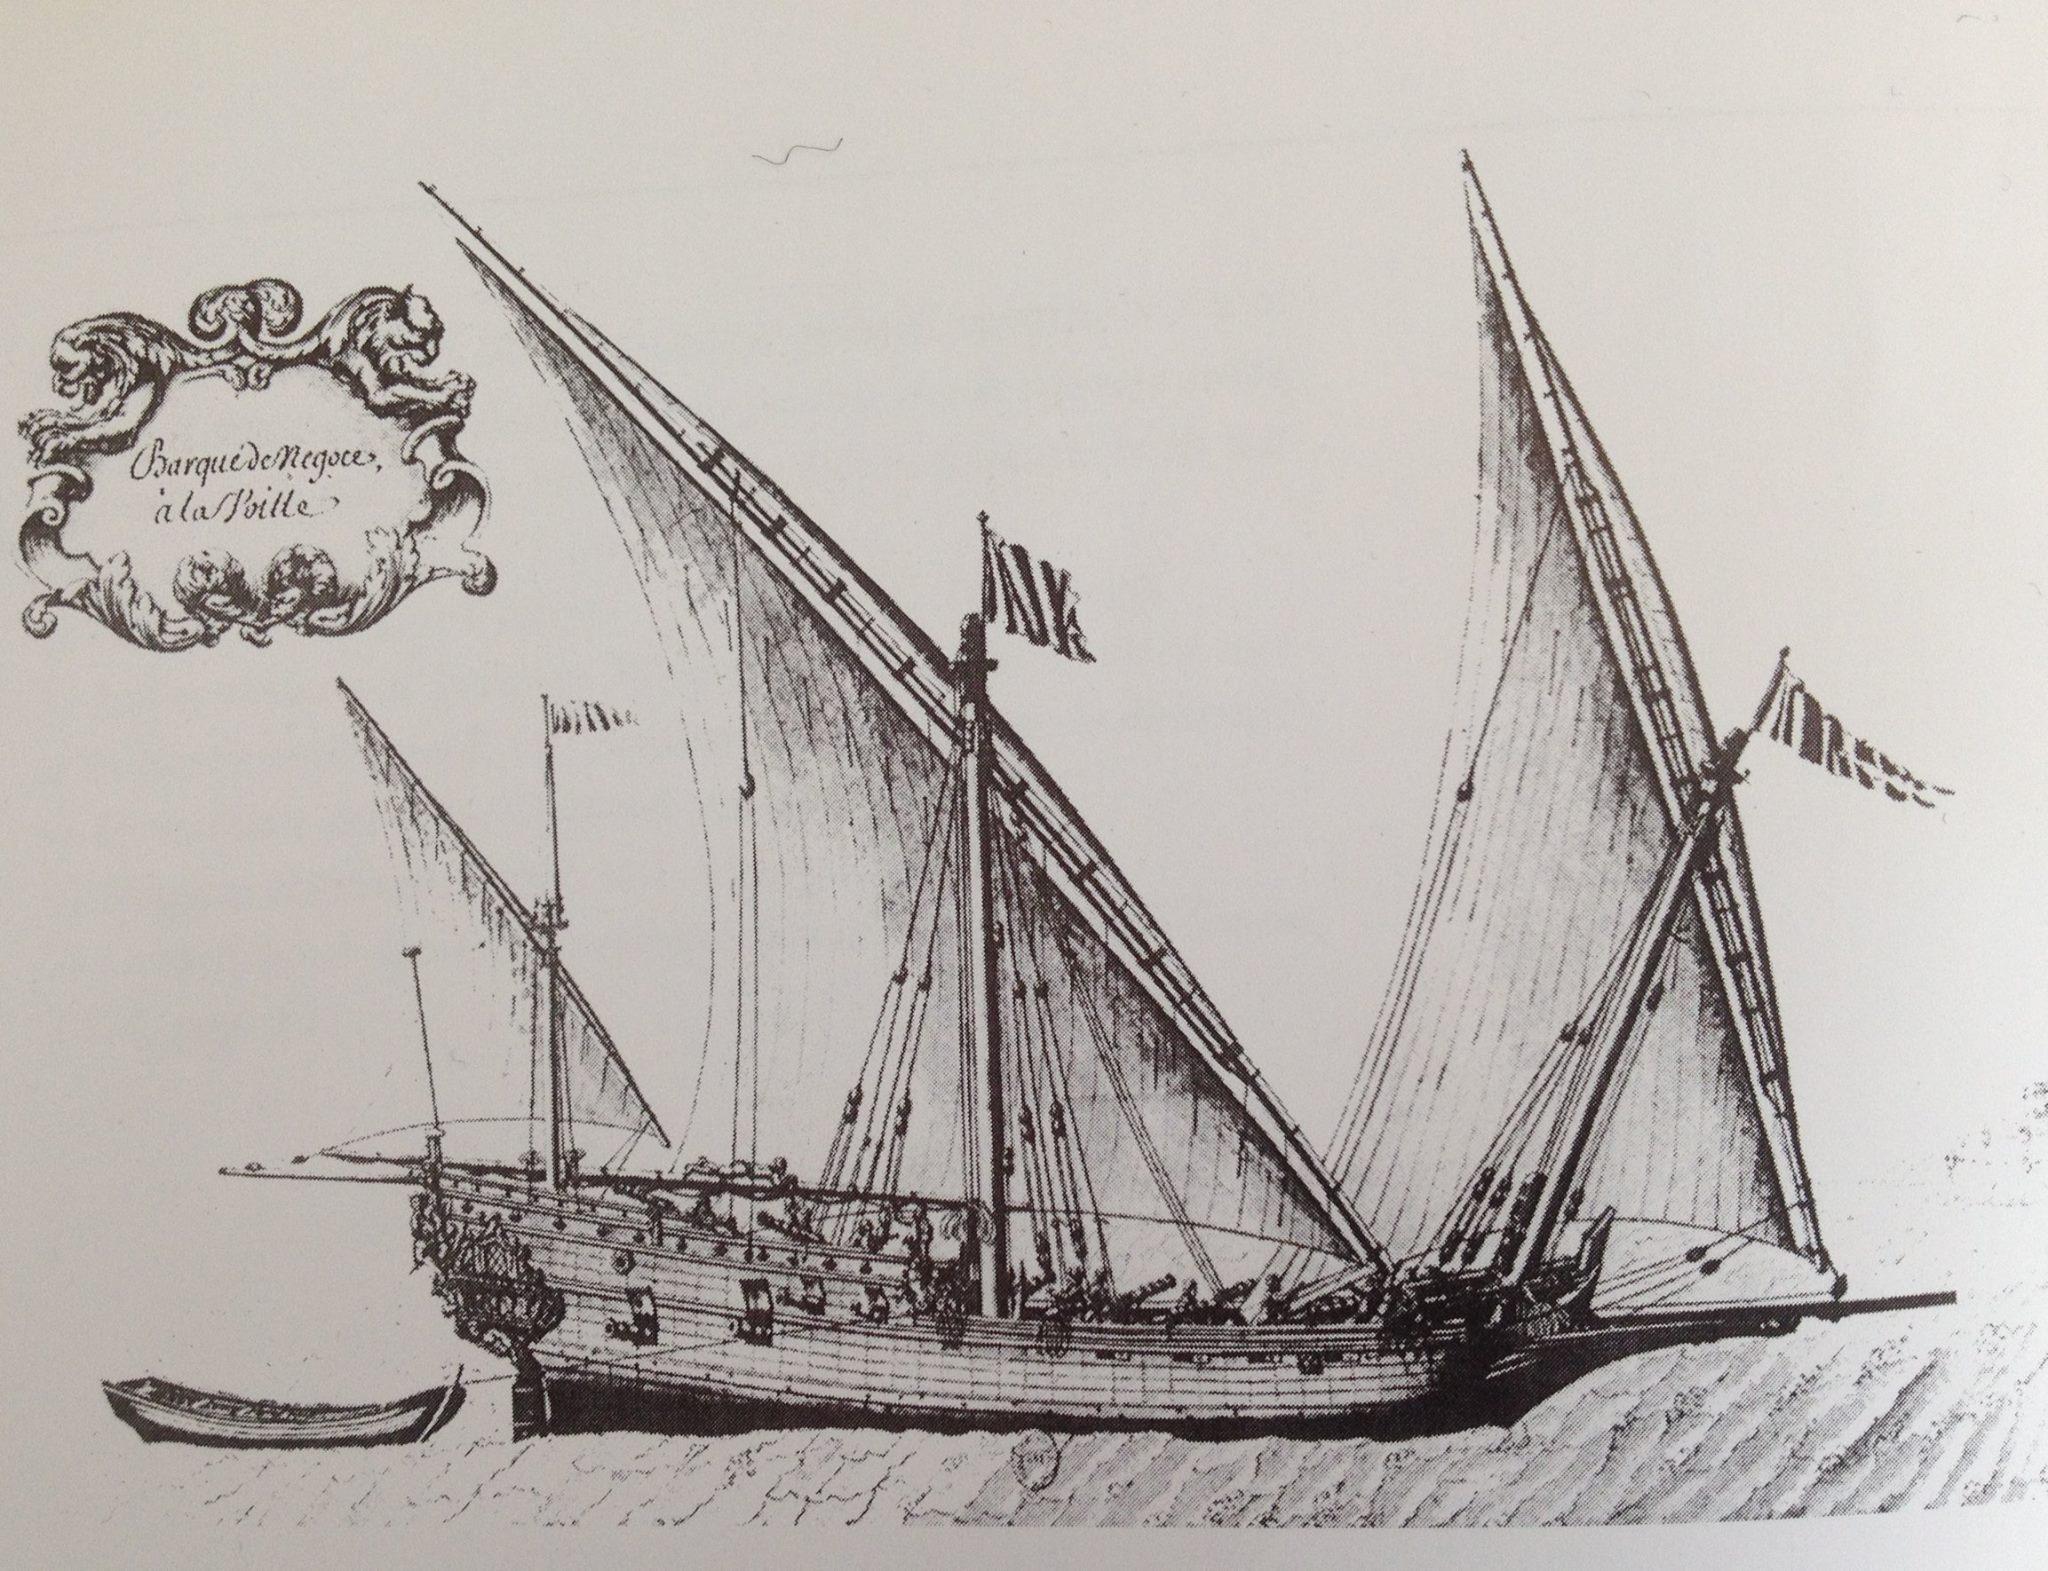 una barca, bastimento mercantile a tre alberi armati con vele latine o quadre, tipico delle marinerie liguri. Barche, pinchi, sciabecchi e galeotte furono tra i bastimenti più presenti tra quelli armati in corso dalla Compagnia